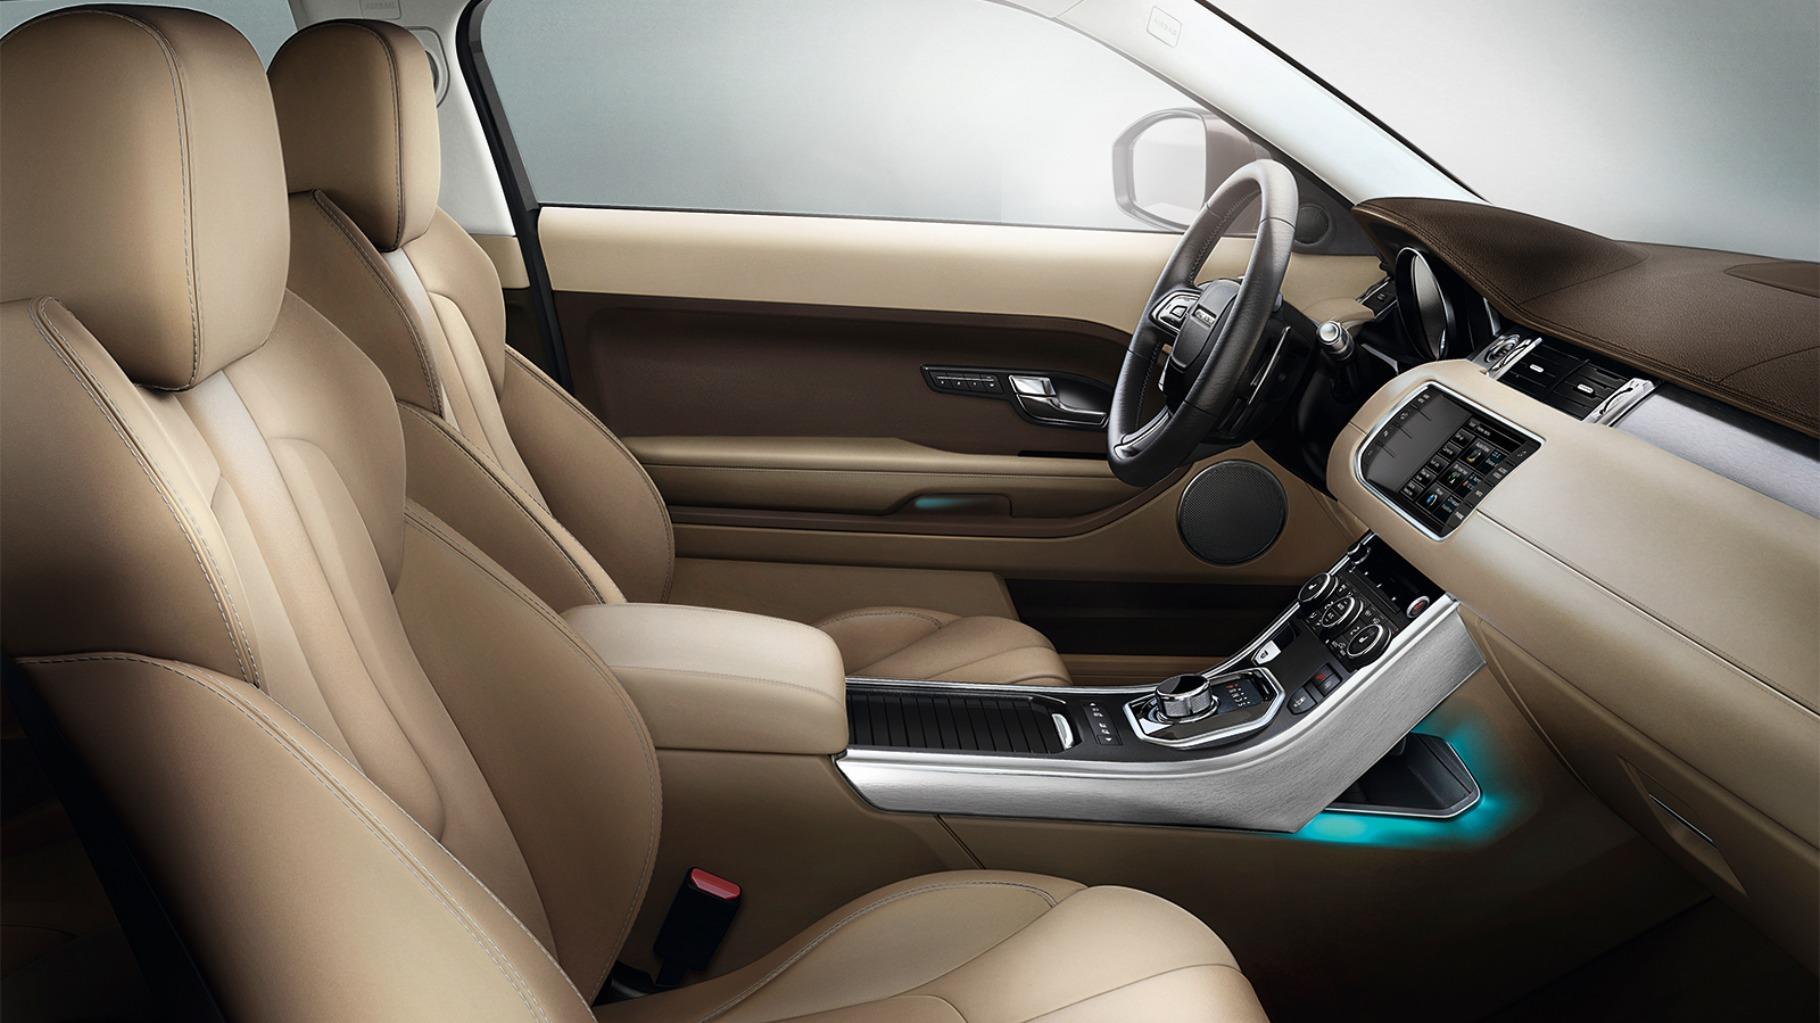 2015 Range Rover Evoque İç Görünüm